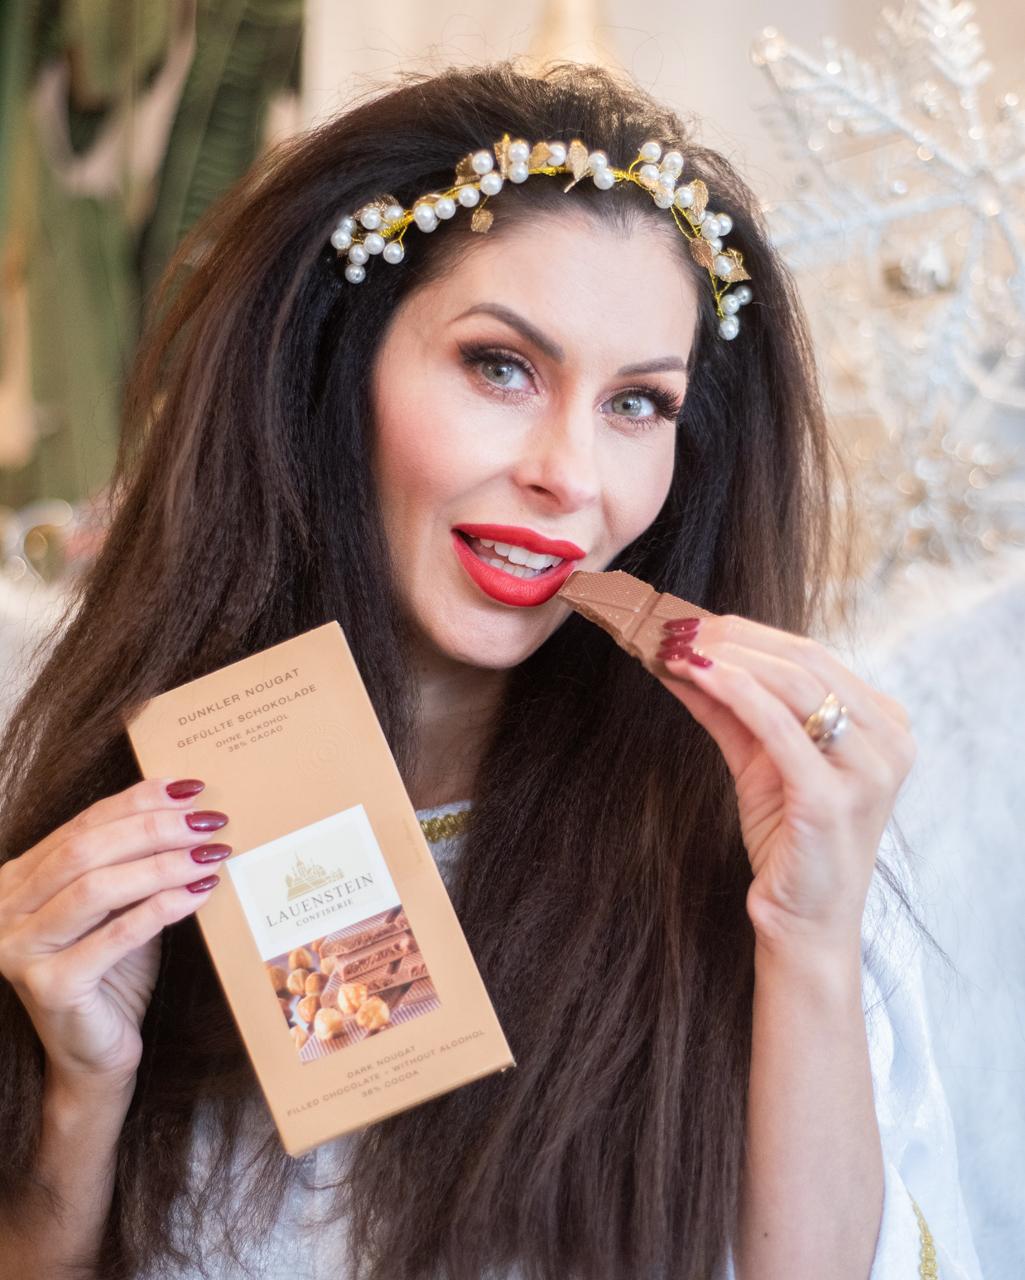 Die leckere Lauenstein Schokolade (c) Maria Strehl